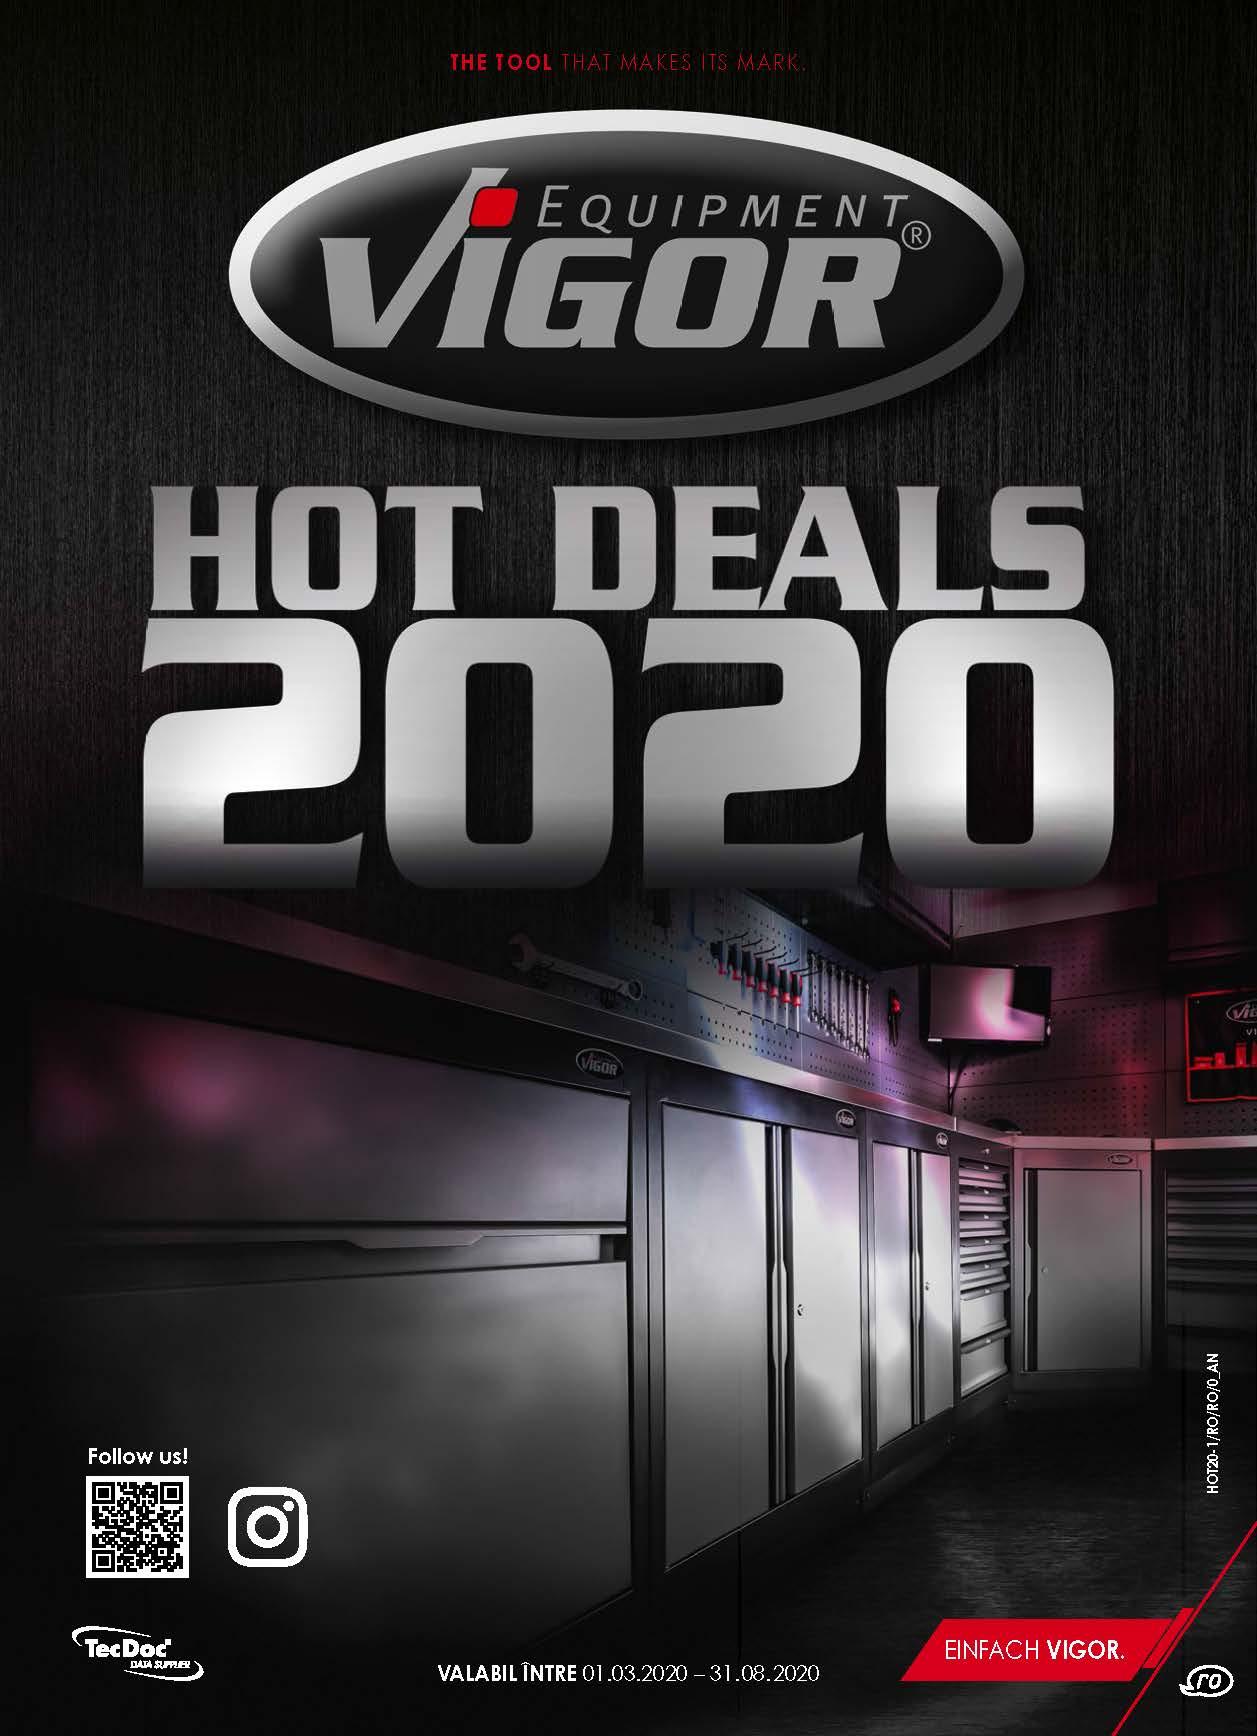 VIGOR HOT DEALS